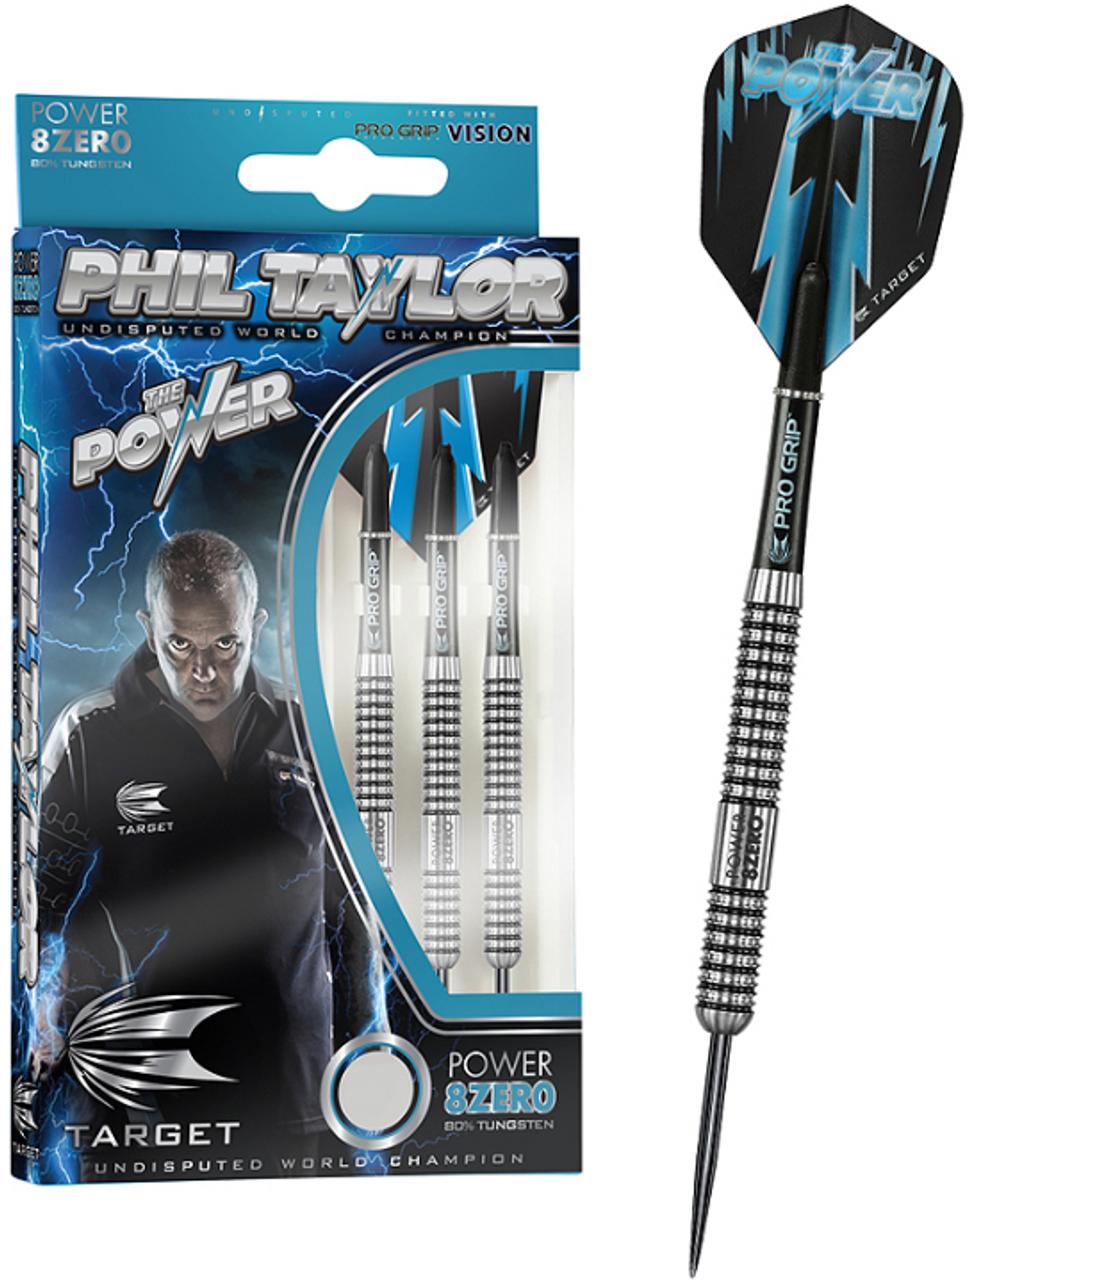 TARGET PHIL TAYLOR POWER 8ZERO 80/% TUNGSTEN 21 Gram Steel Tip Darts 200200